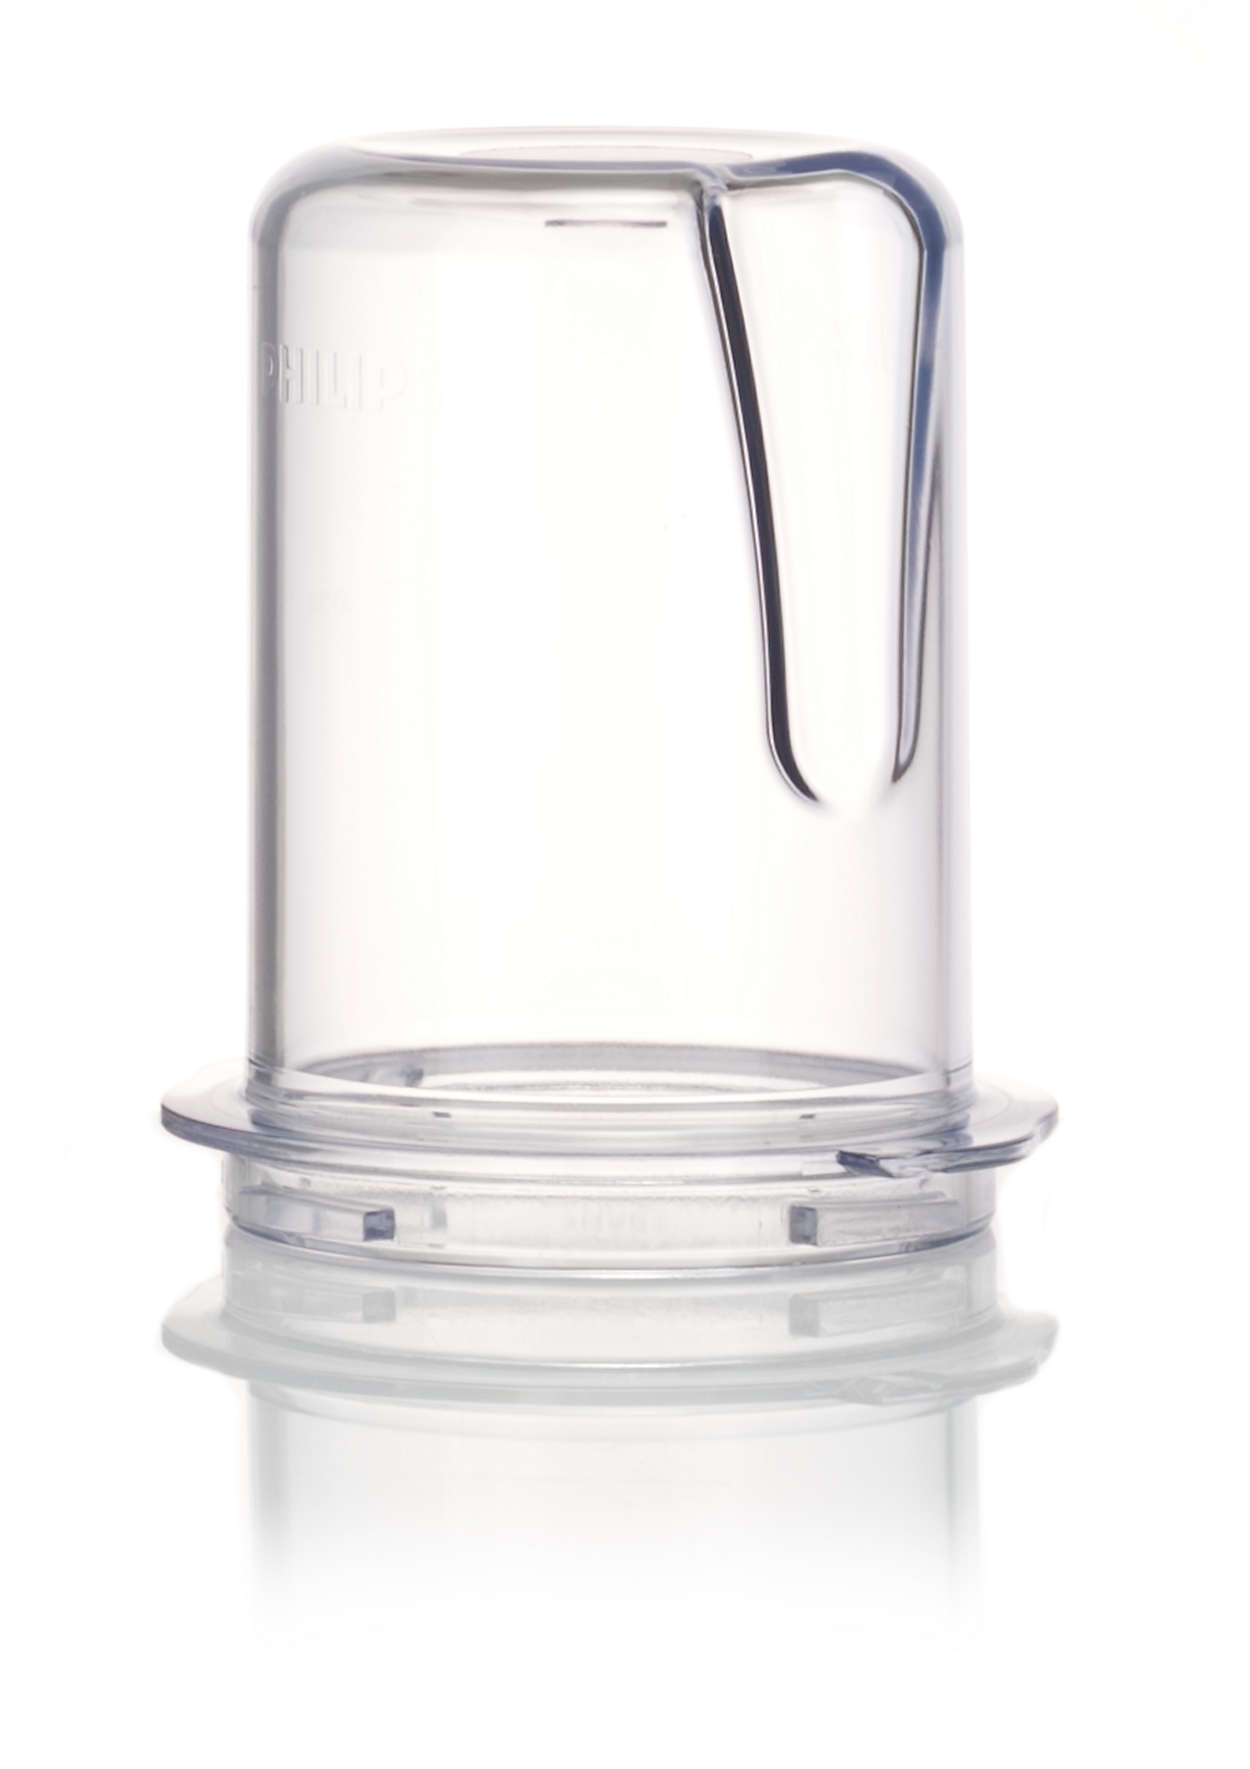 Ein Zubehörteil für Ihren Mixer